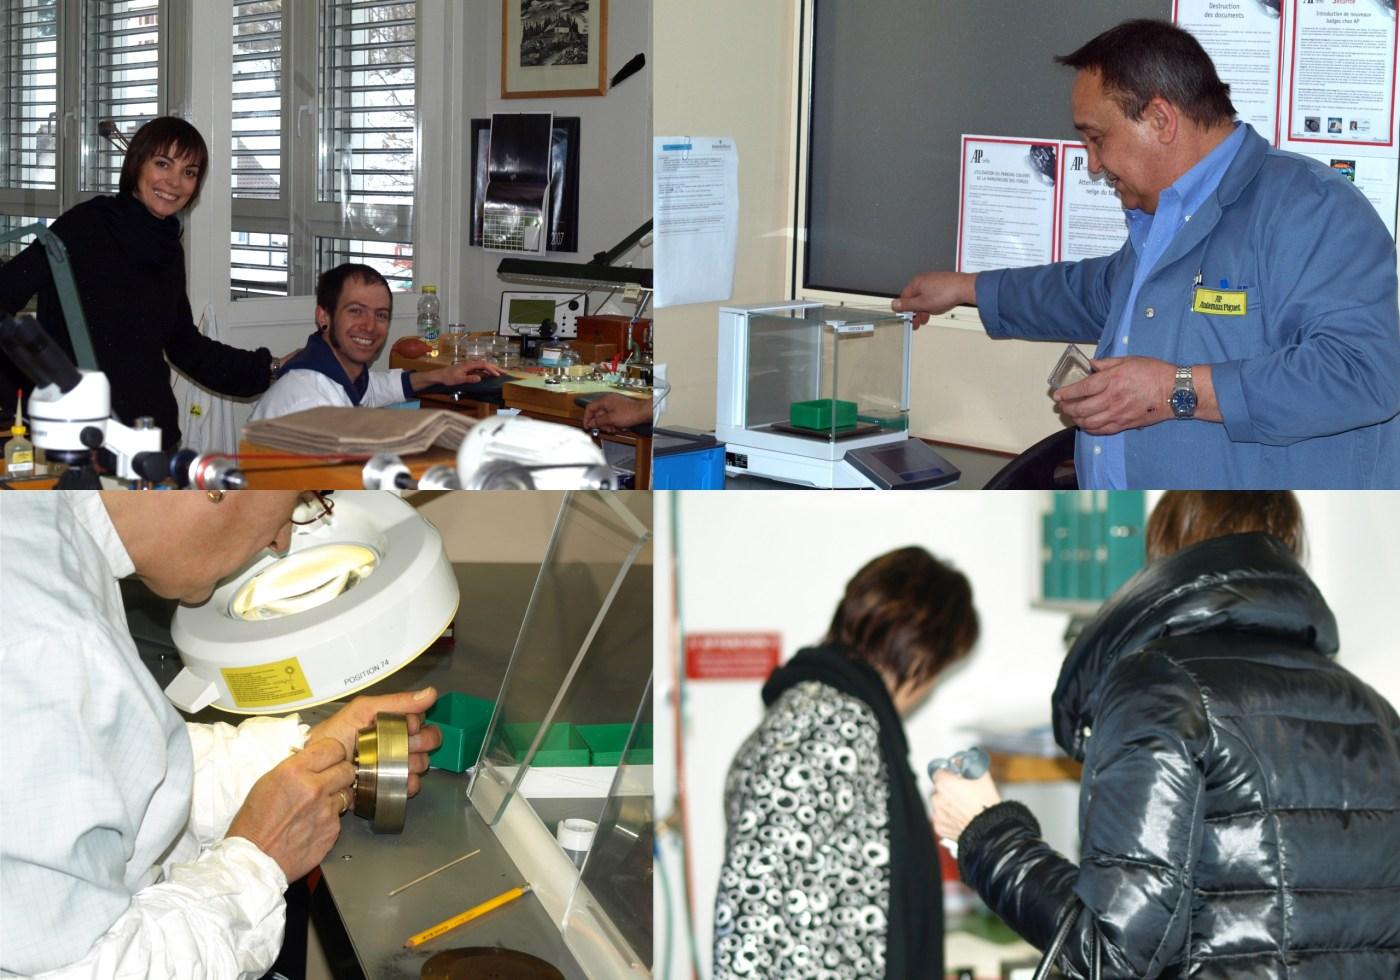 Scenes from Audemars Piguet factory 2009